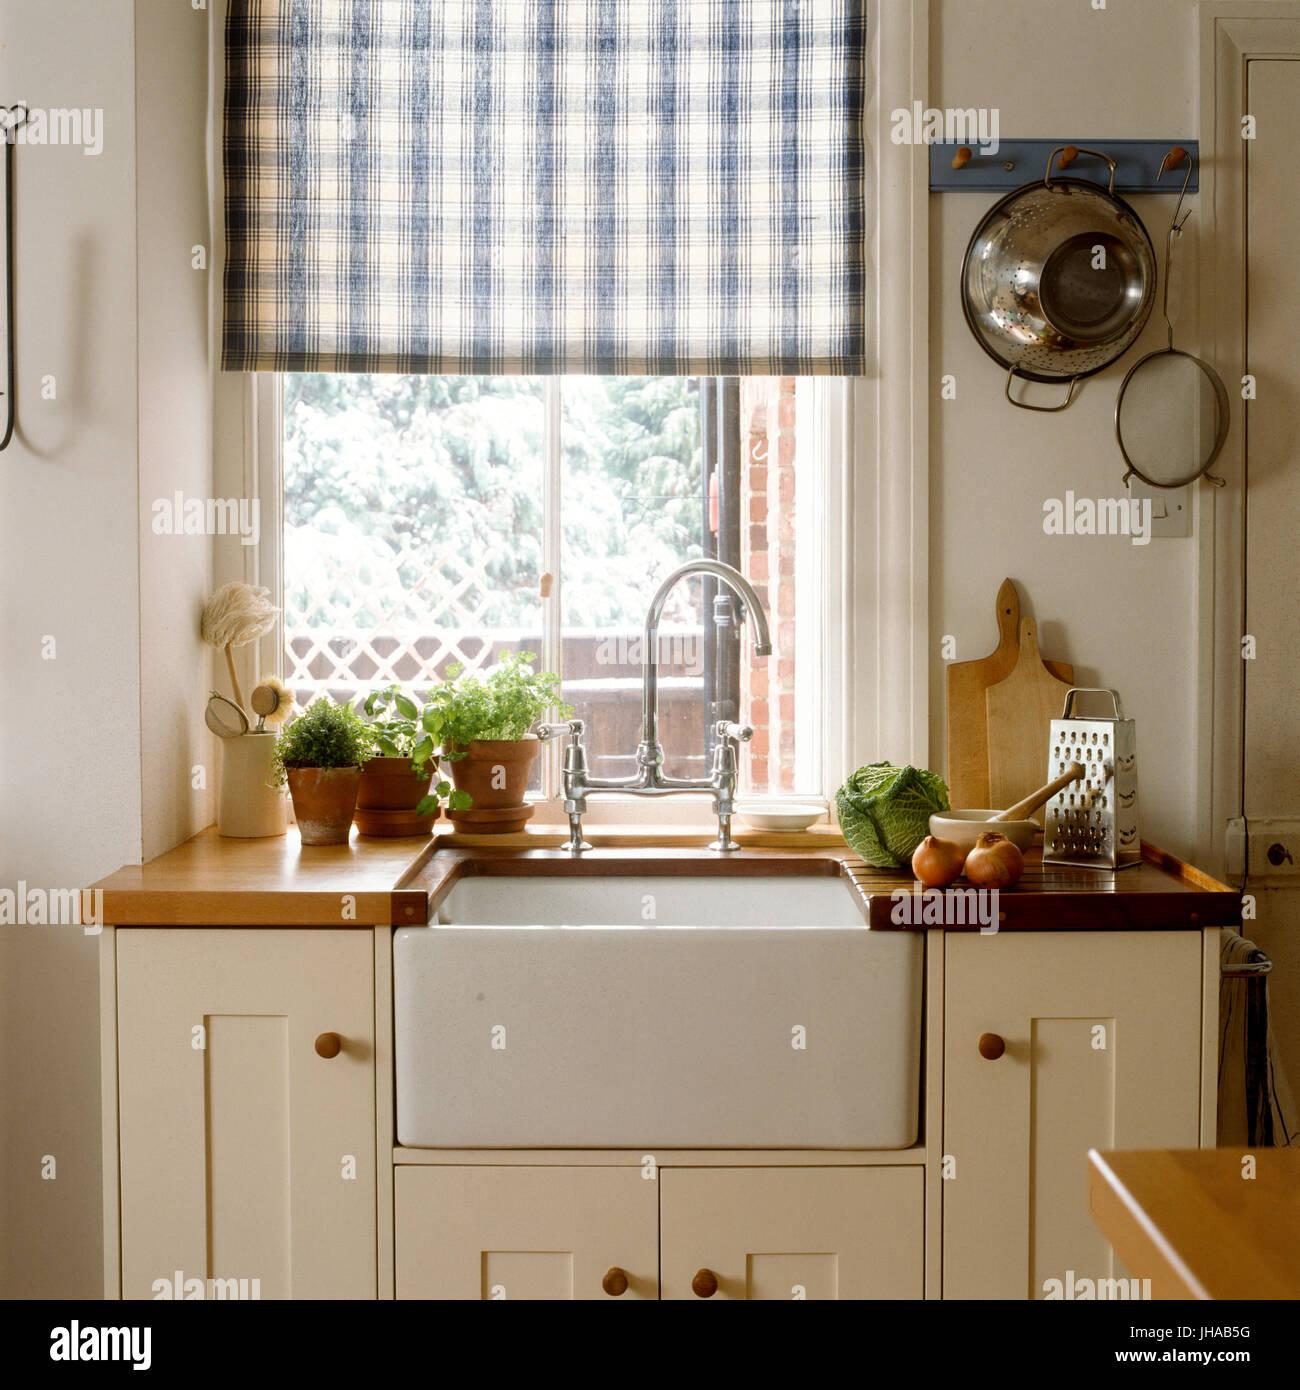 Waschbecken und Bank in einem Küche im Landhausstil ...